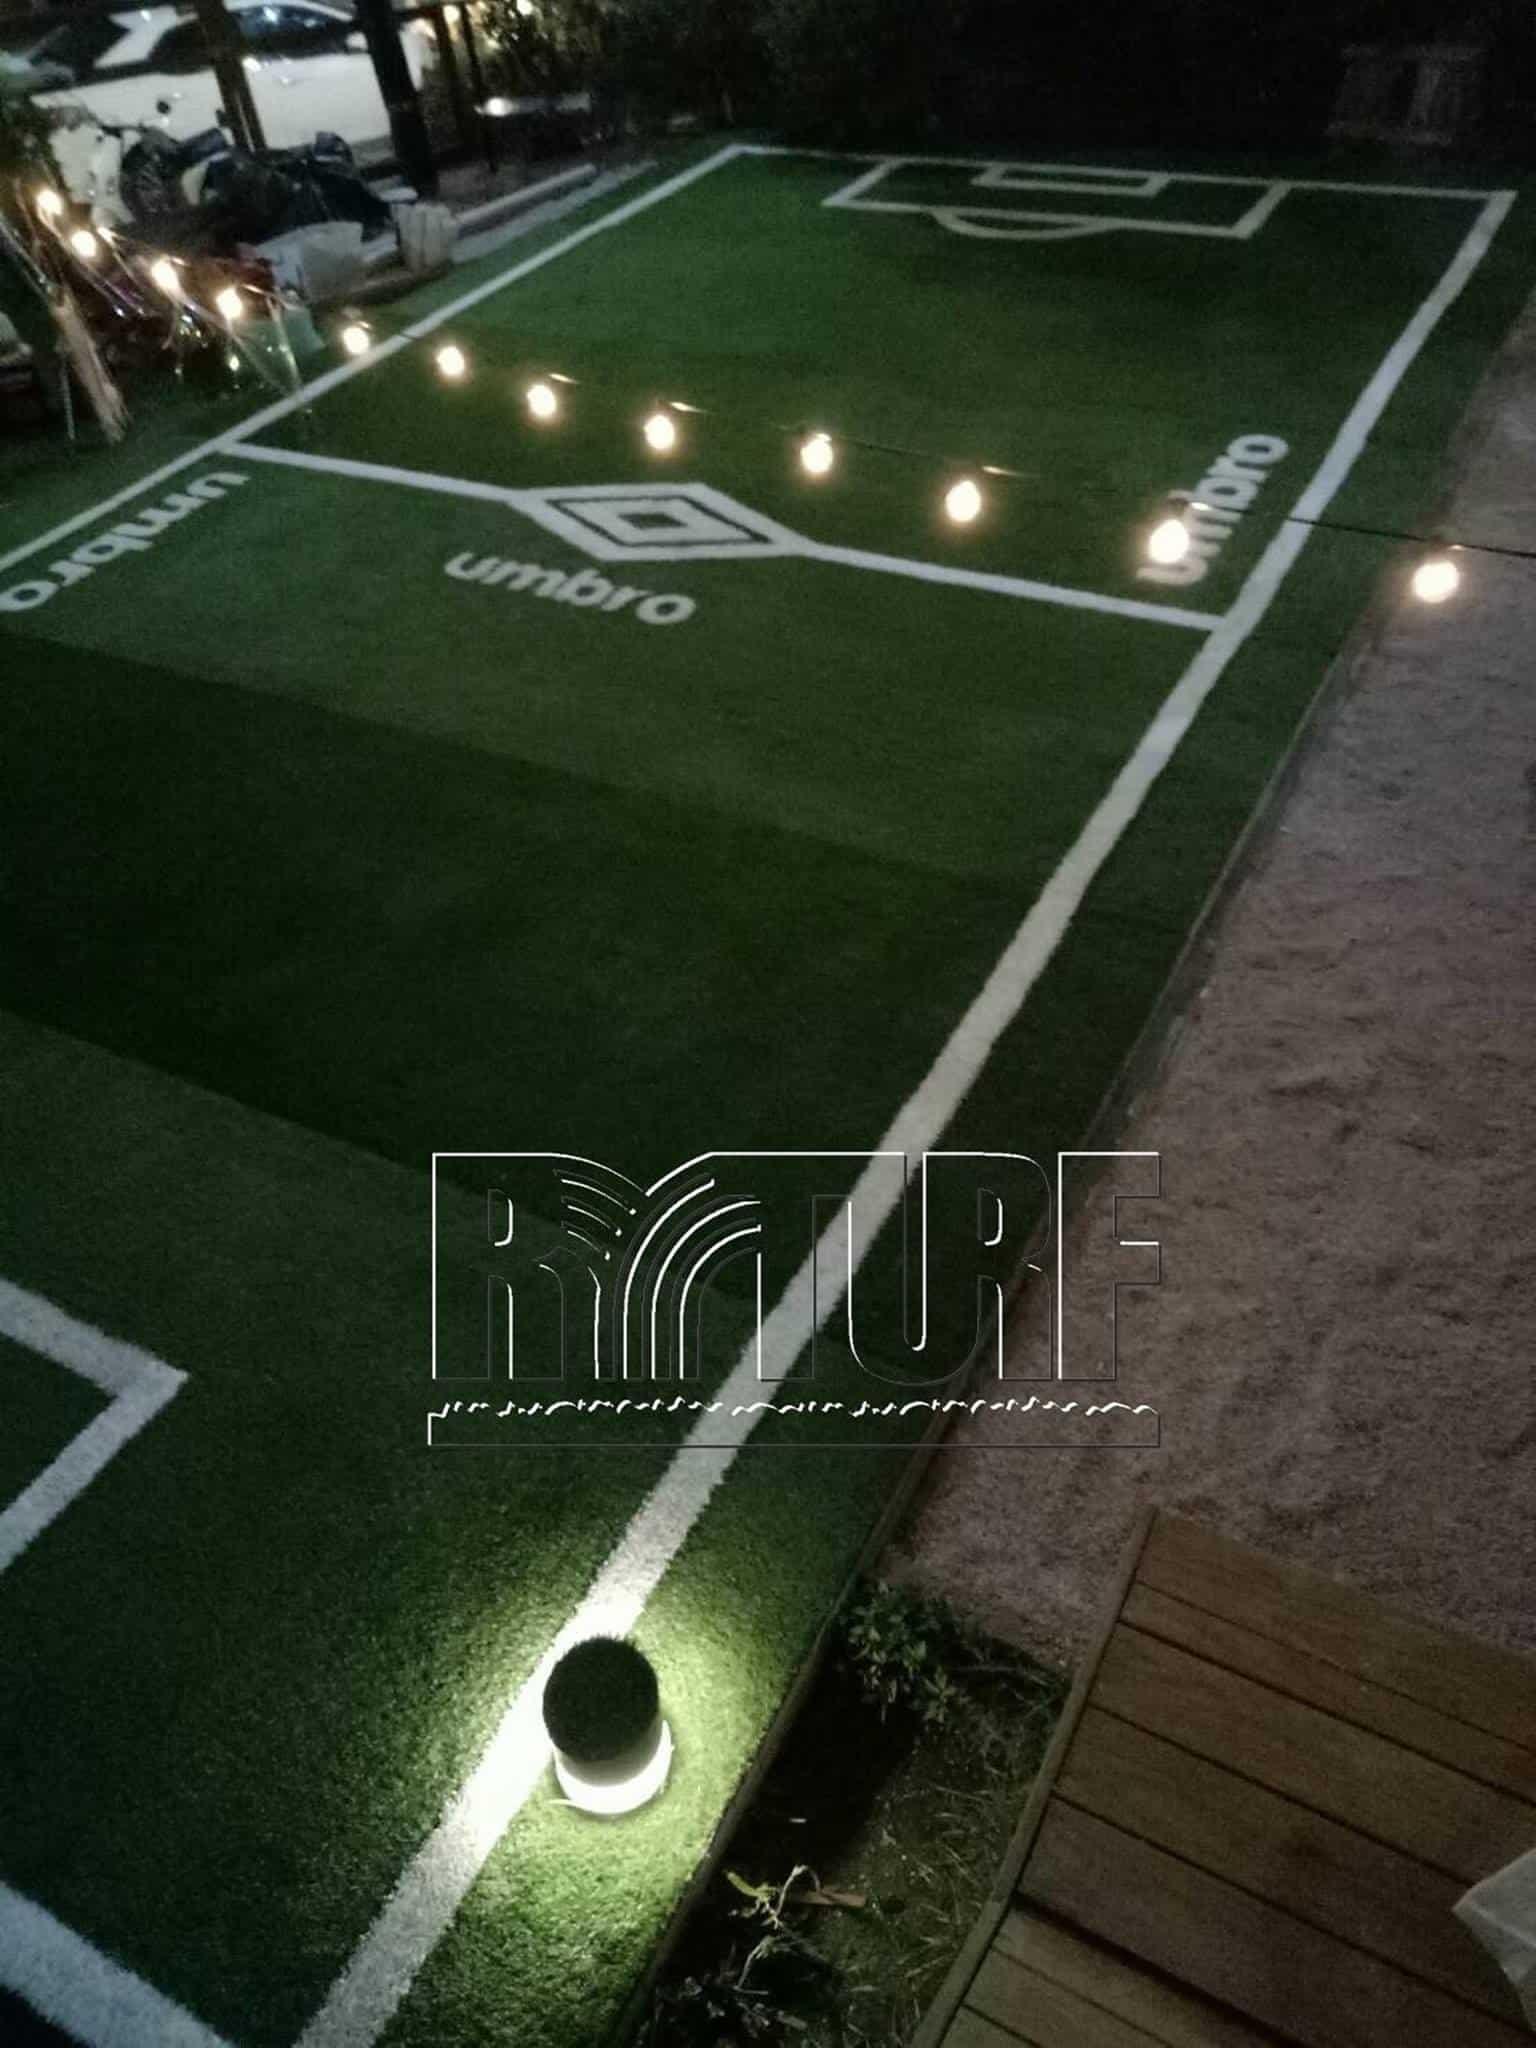 台北市大安區知名咖啡酒吧庭院平台小型足球場